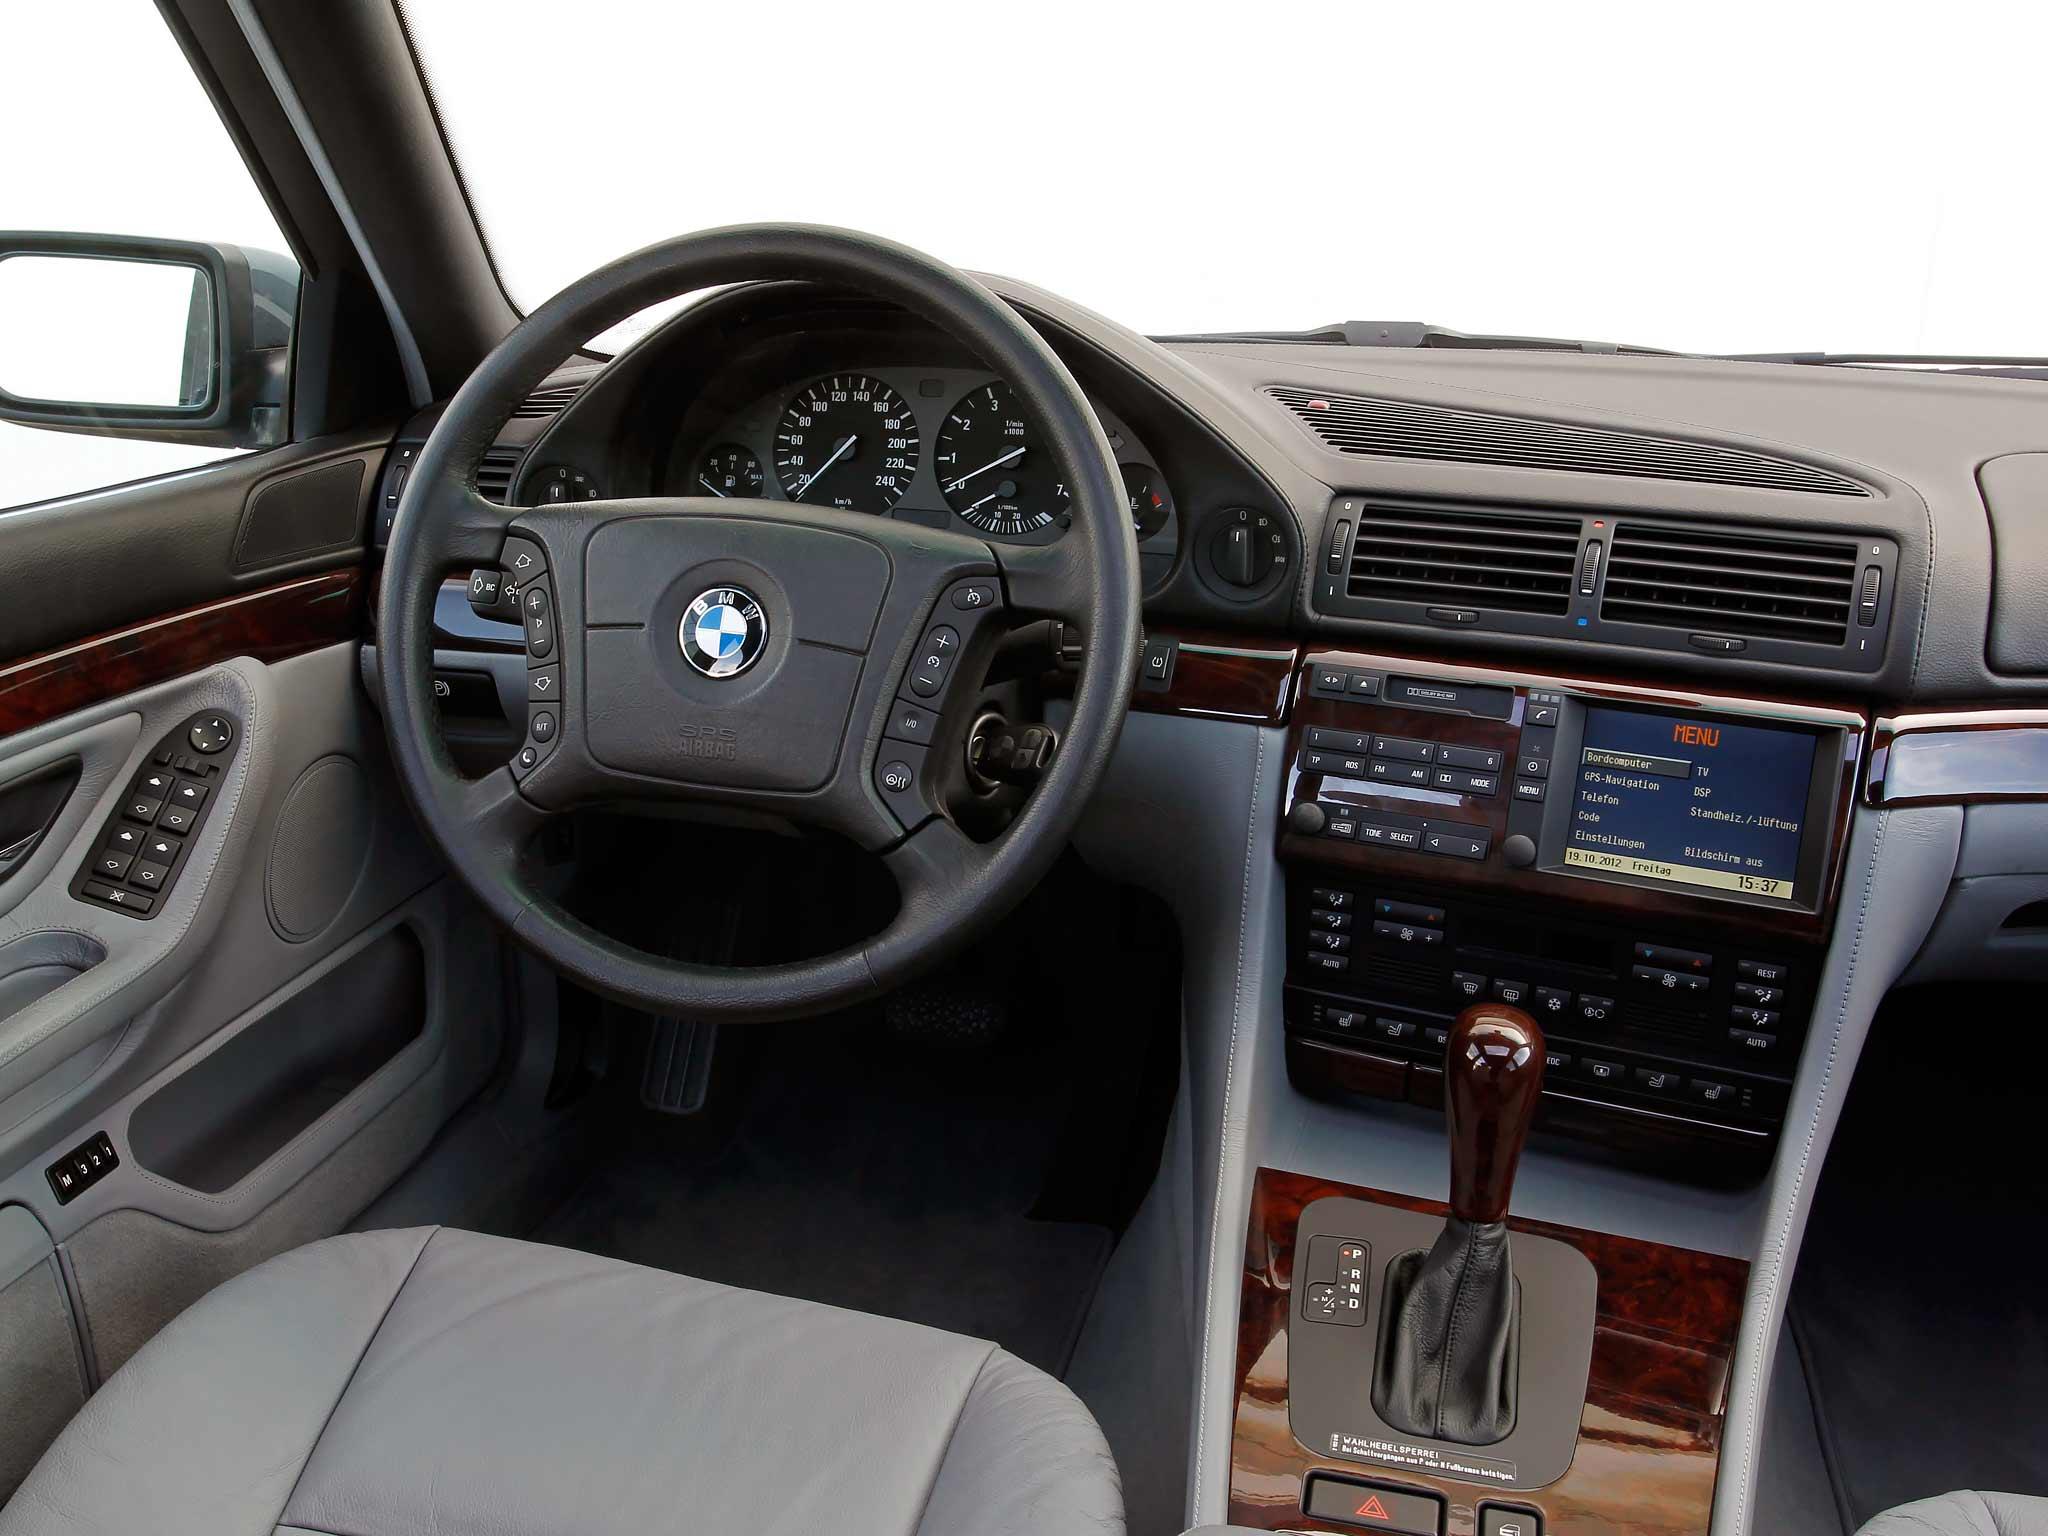 BMW 750iL E38 interior LHD